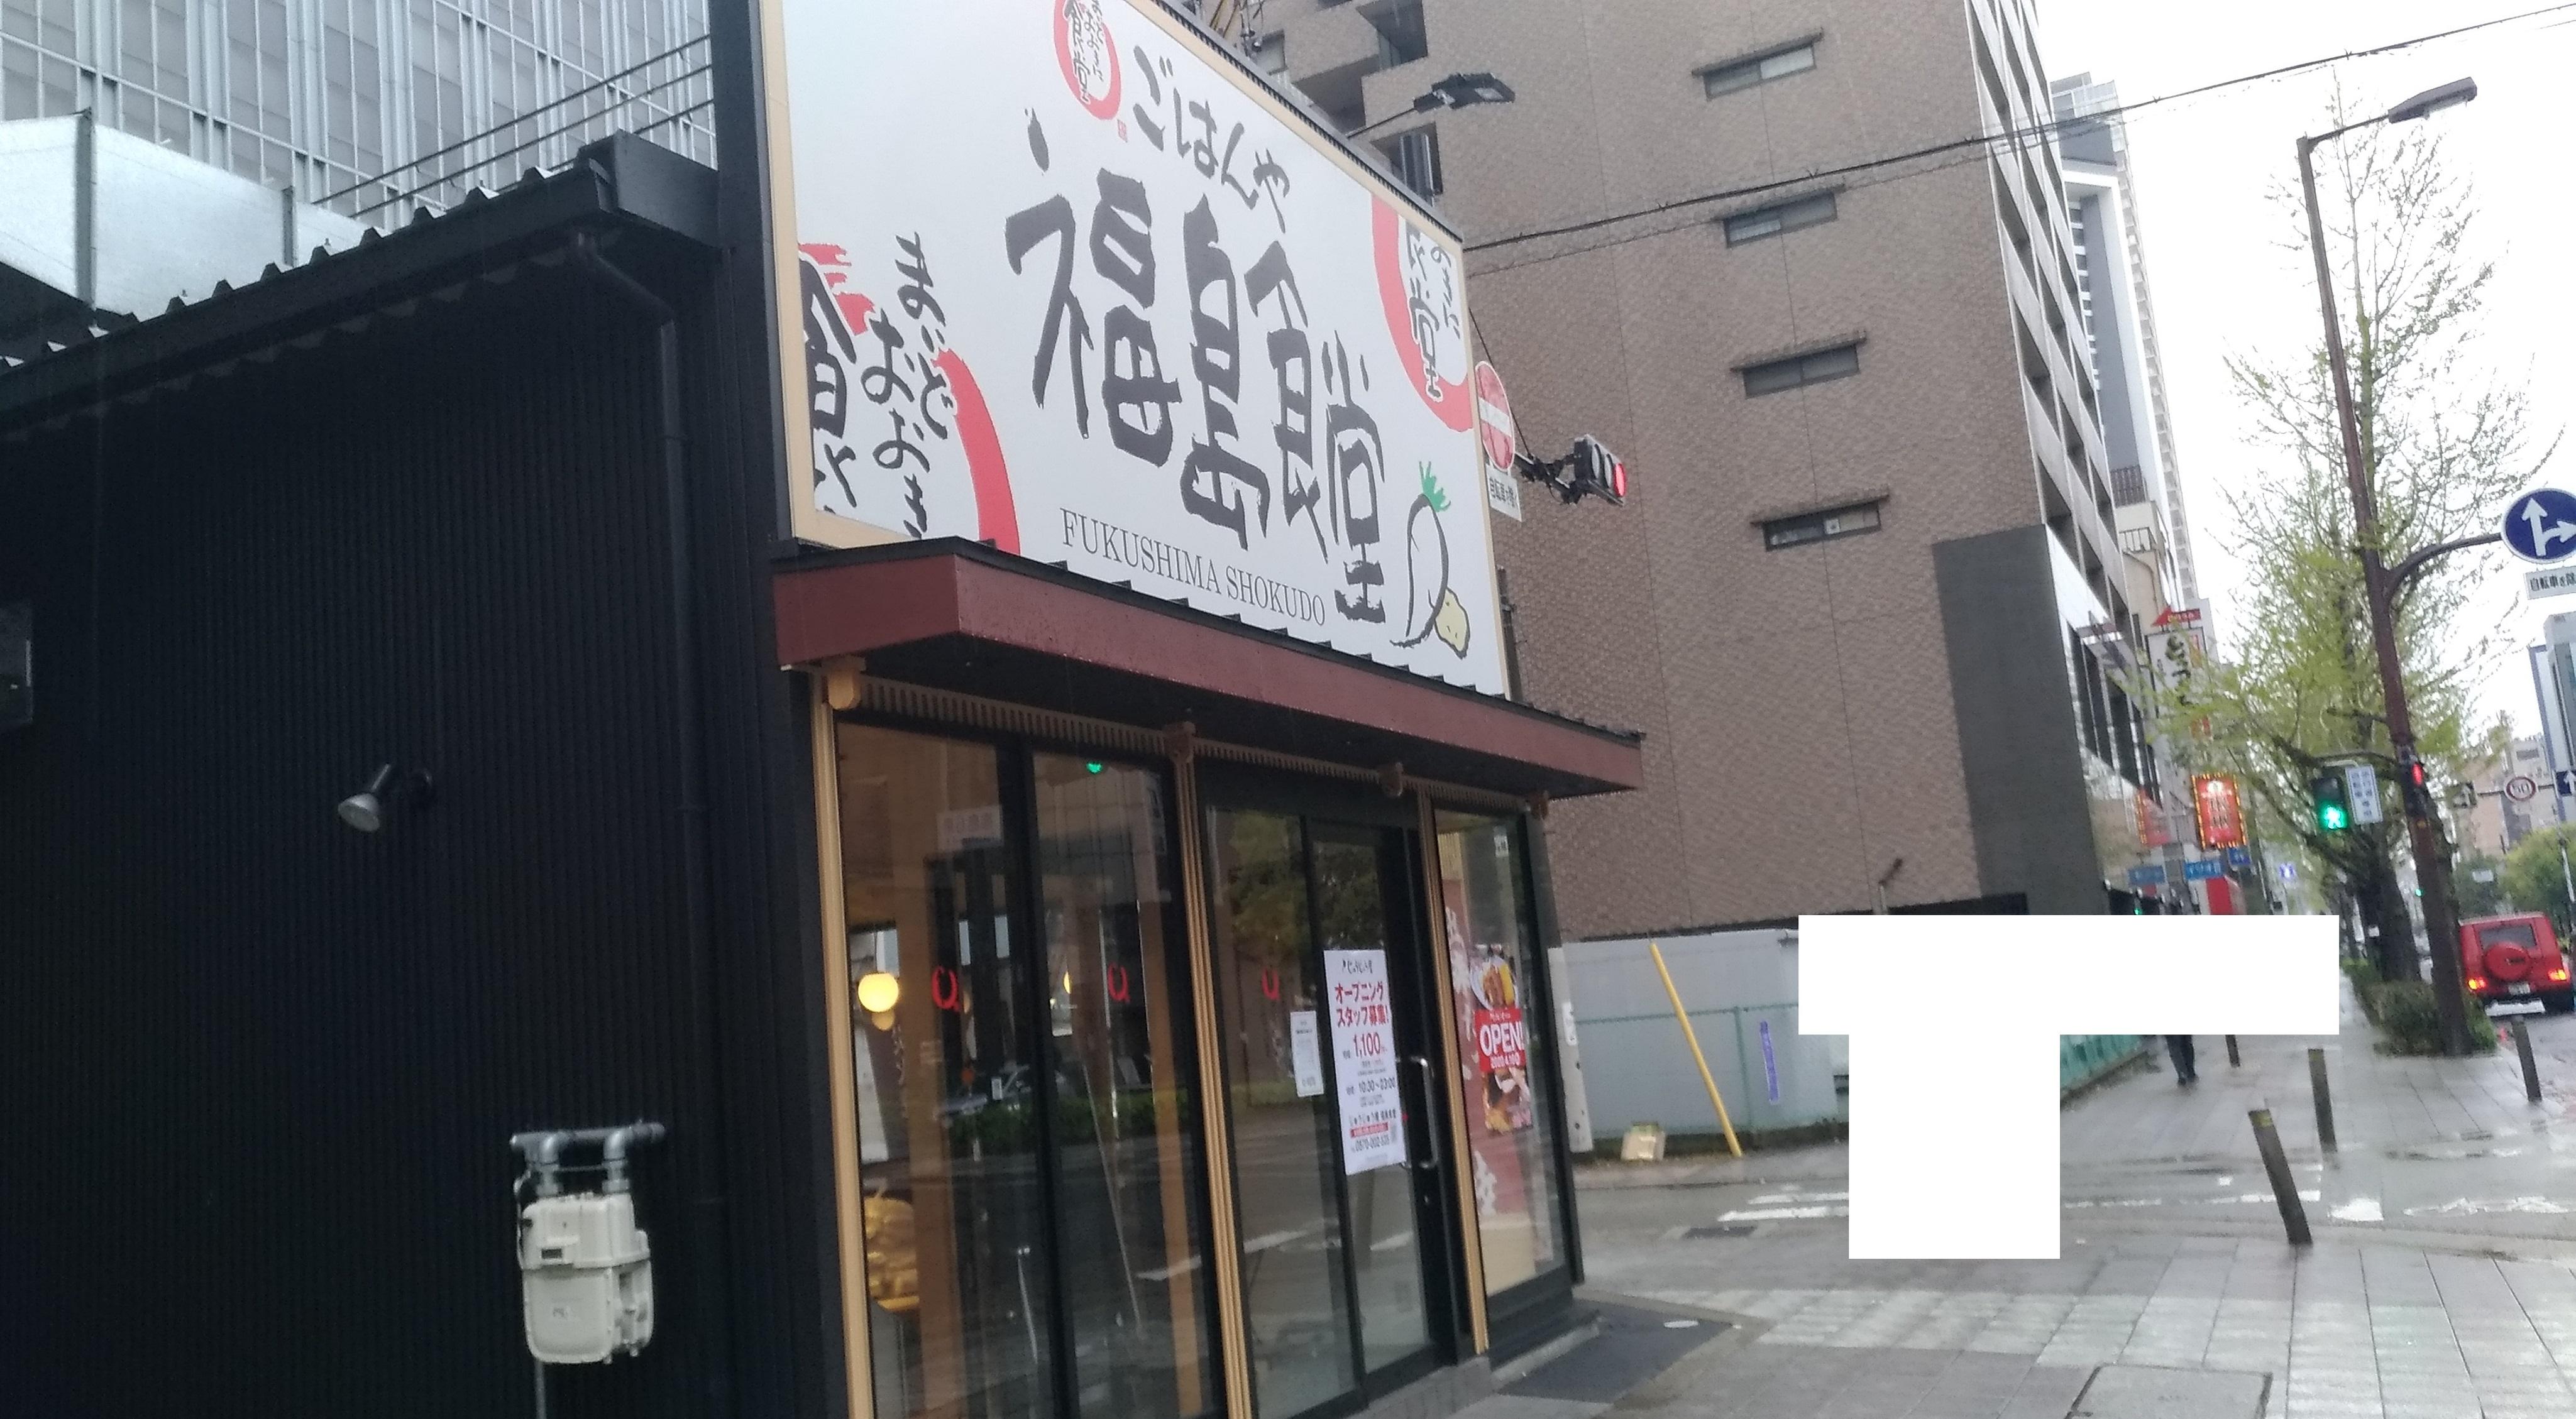 osaka_fukushima_open_shokudo_1.jpg